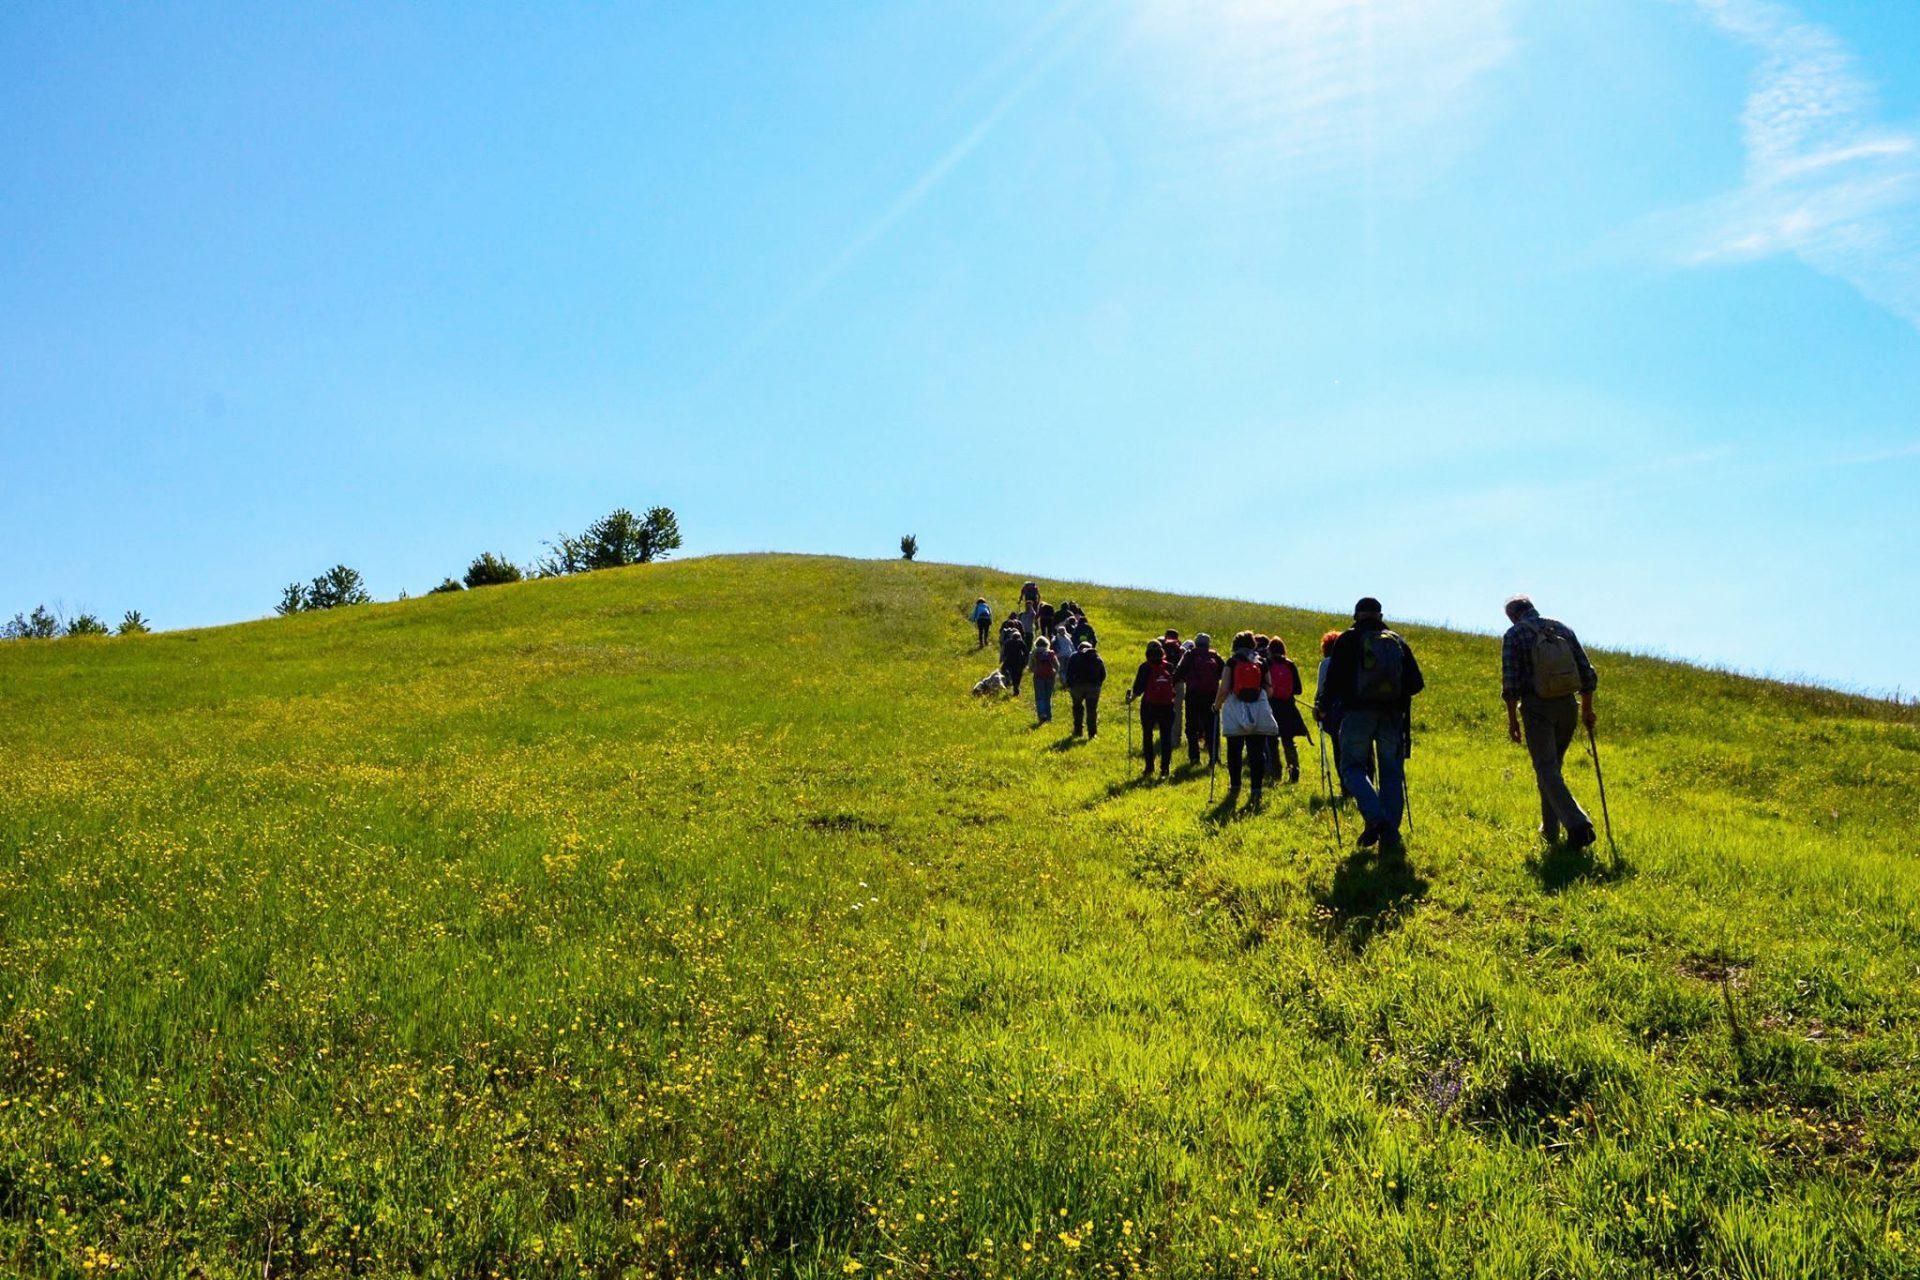 Percorsi e mappe interattive per un turismo slow e sostenibile. <br>Tutti i cammini in Emilia-Romagna